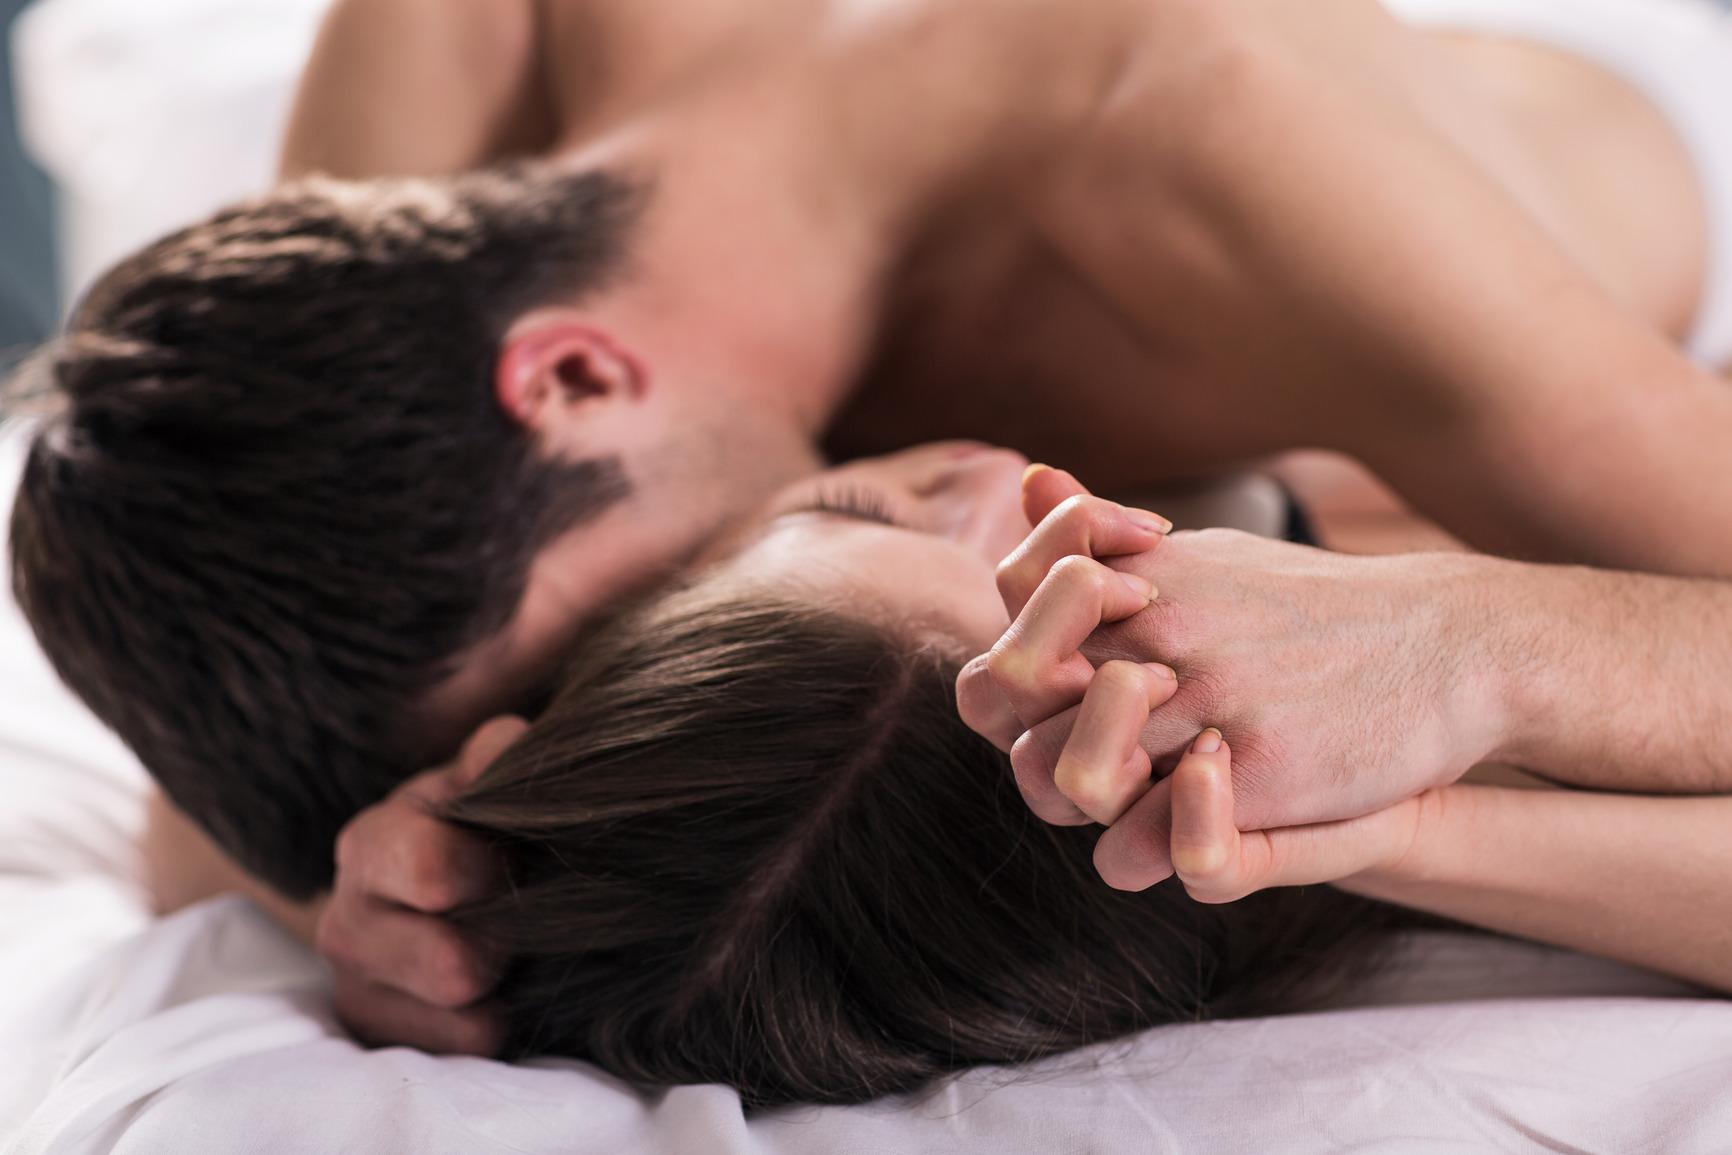 Картинки парень и девушка секс, зрелая женщина сосет член вся в сперме